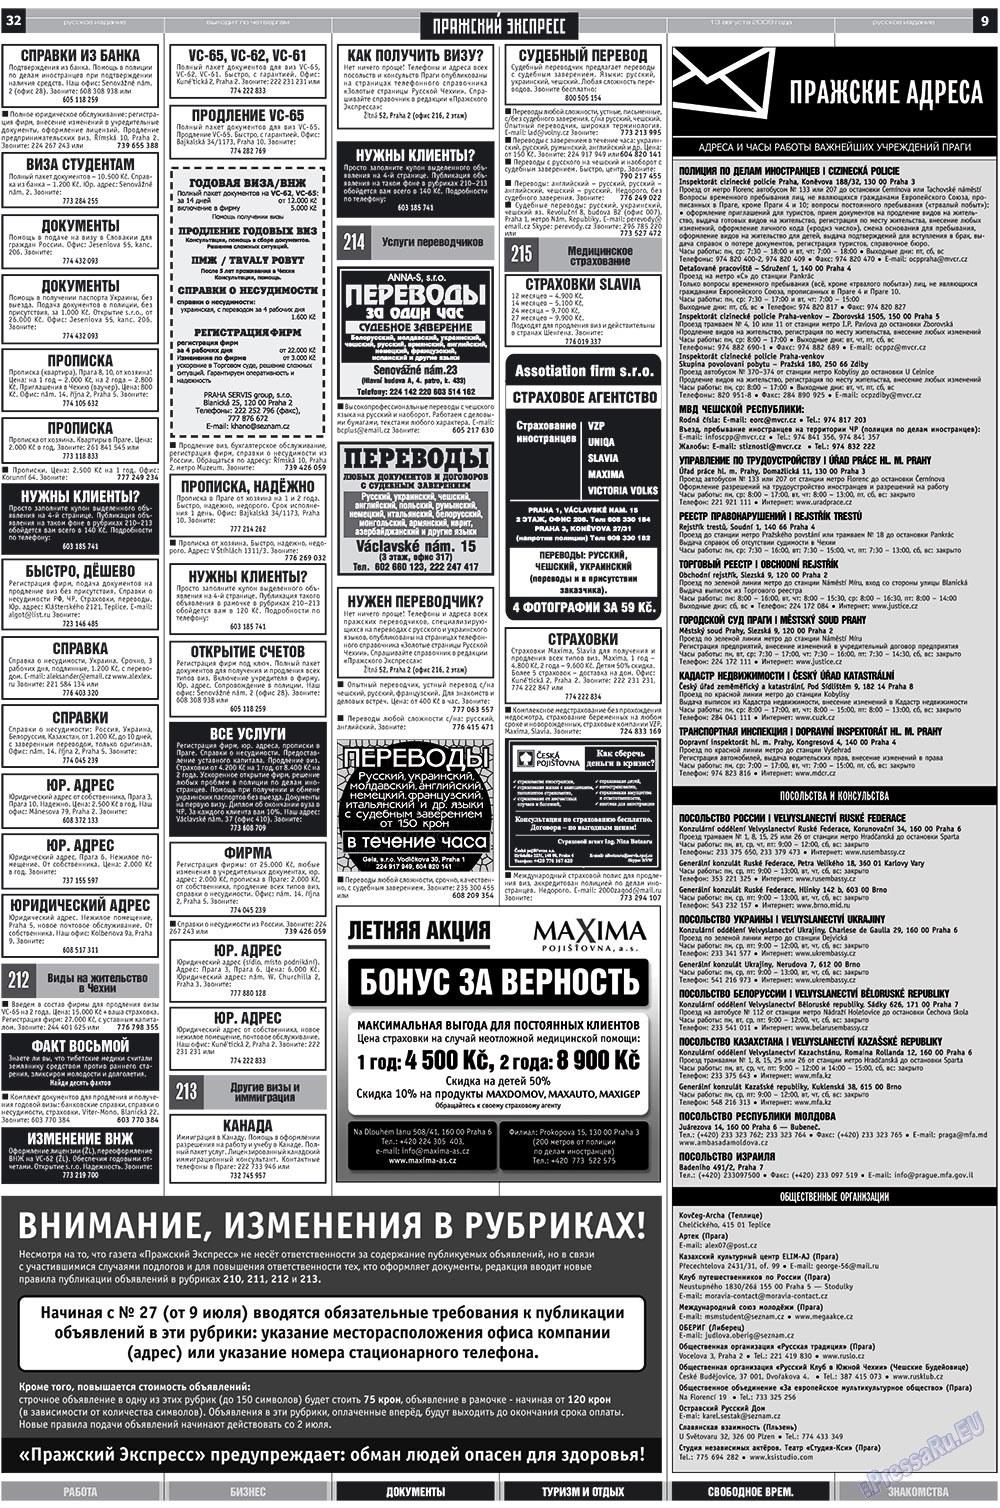 Пражский экспресс (газета). 2009 год, номер 32, стр. 9